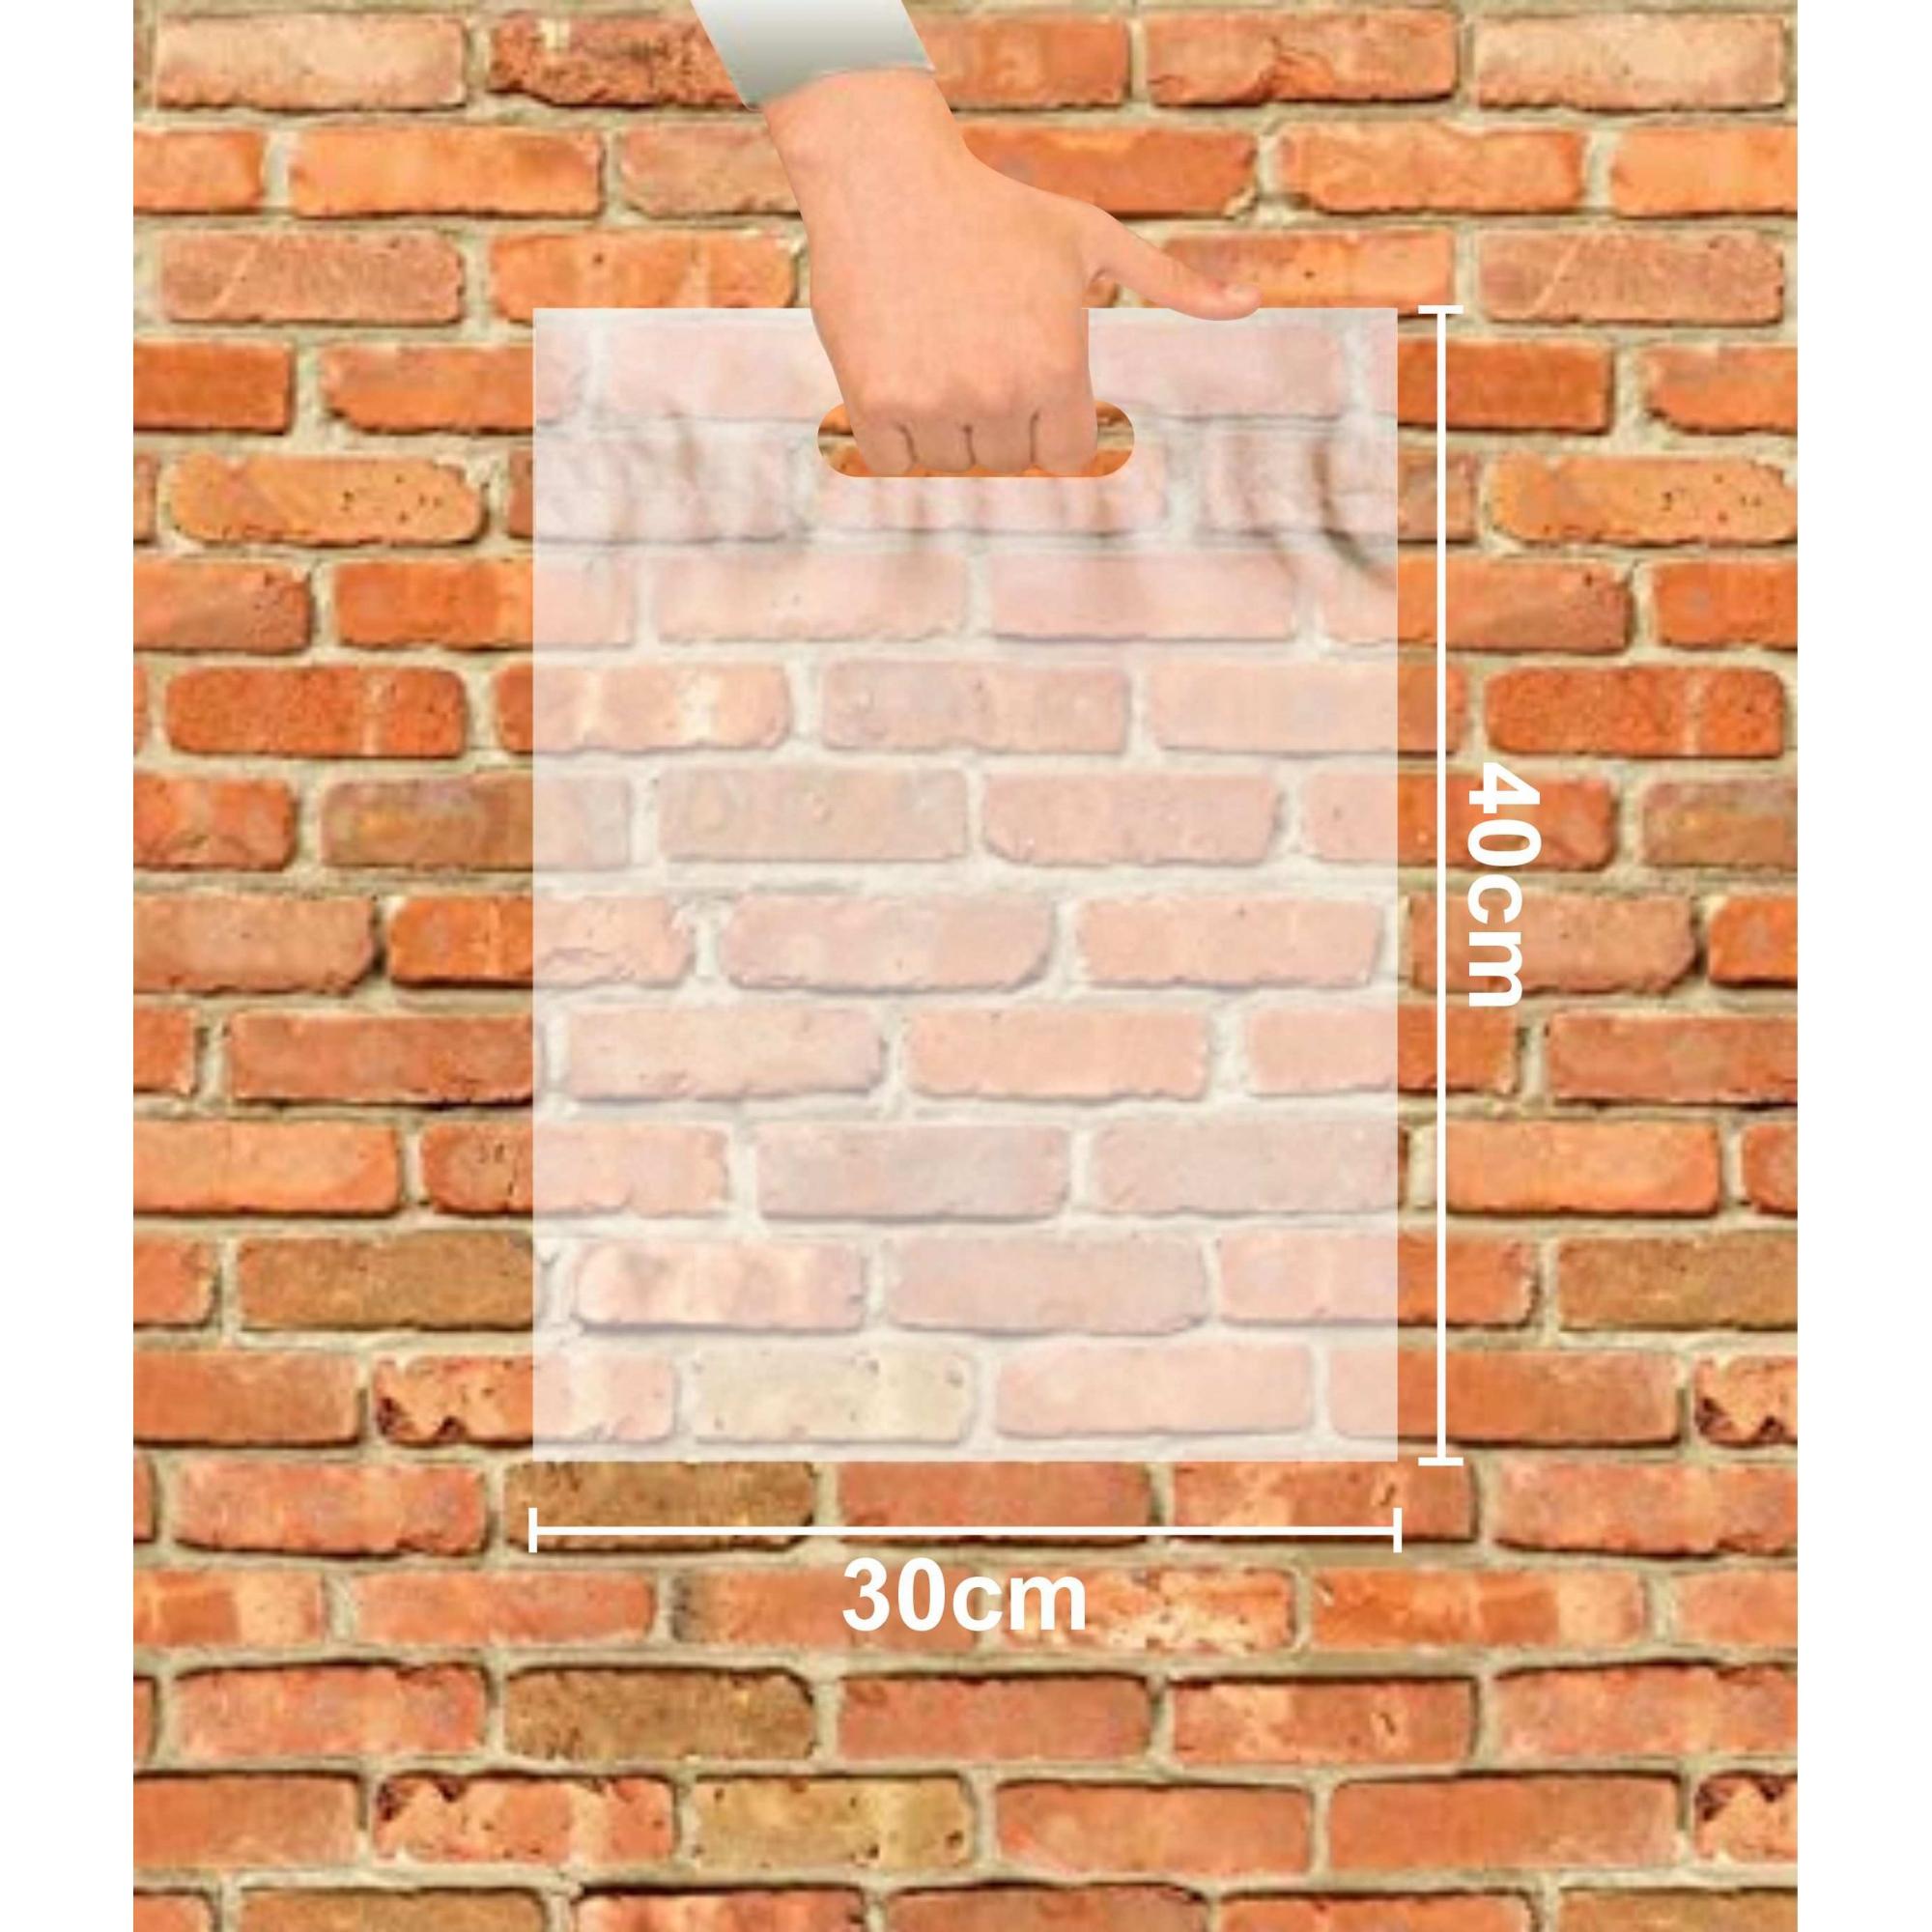 Sacola Plástica 30x40 Transparente Alça Boca de Palhaço 250 Unidades